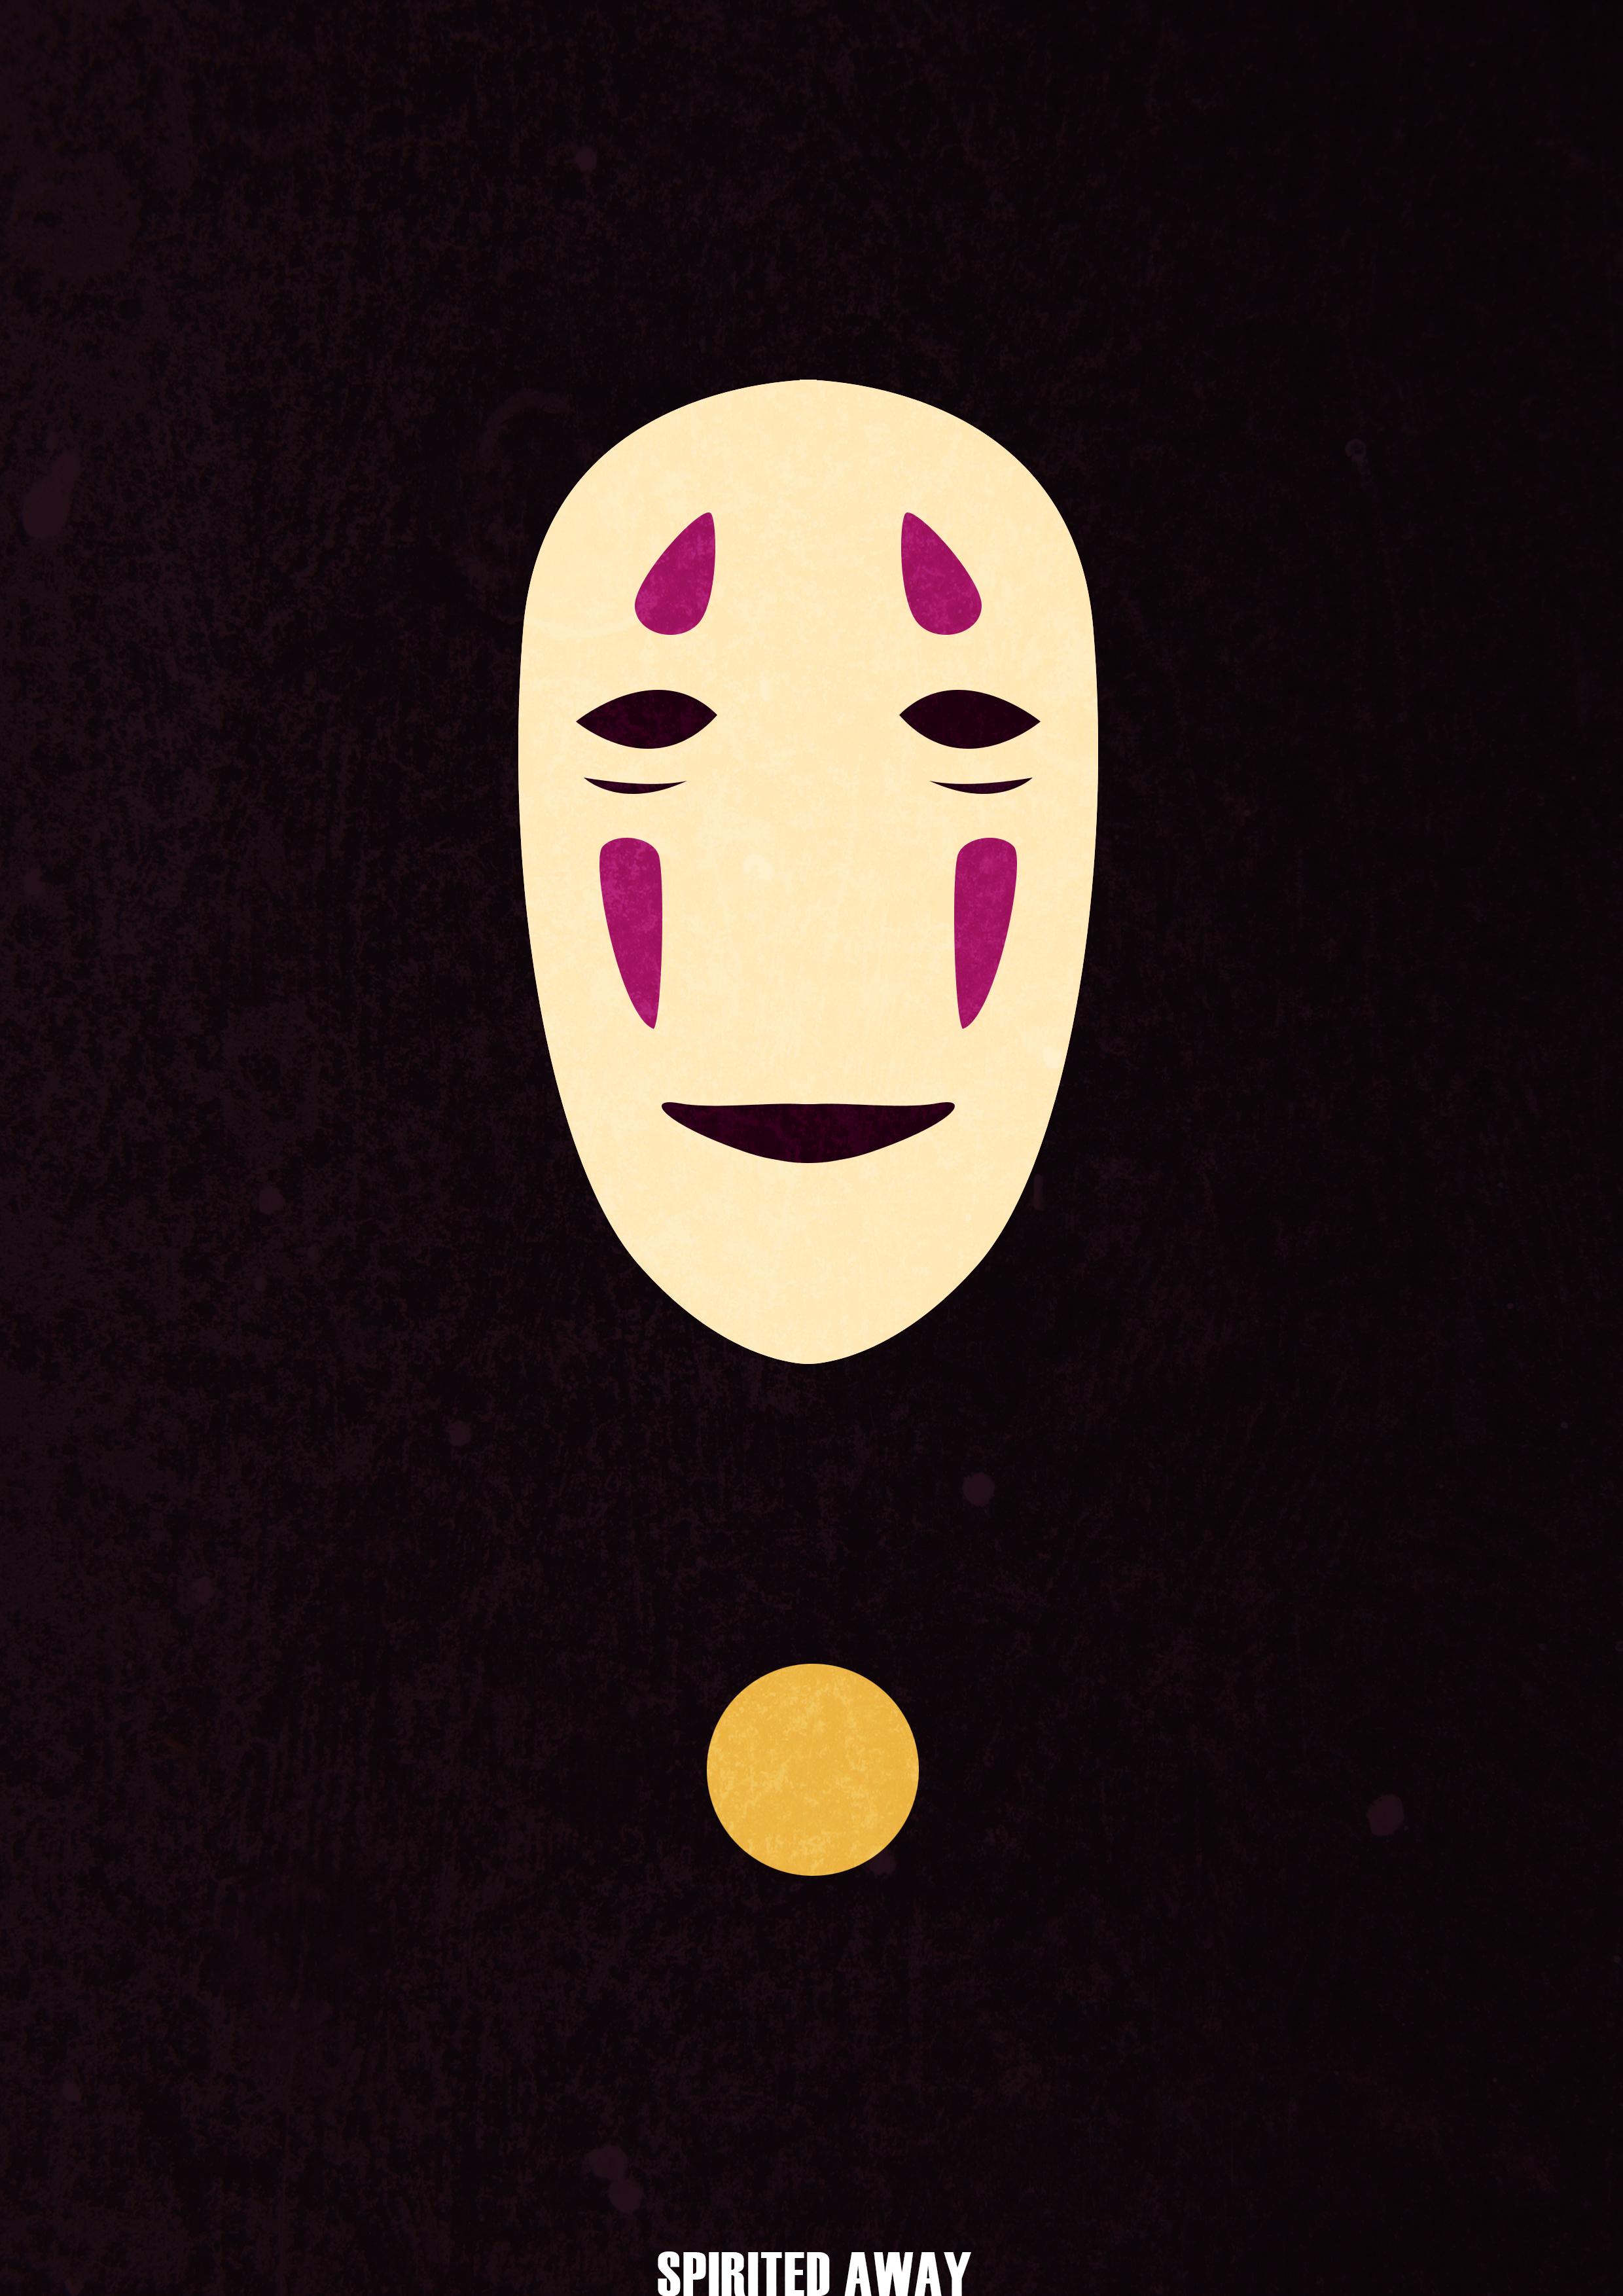 Minimalist Spirited Away poster by BoredBored on DeviantArt